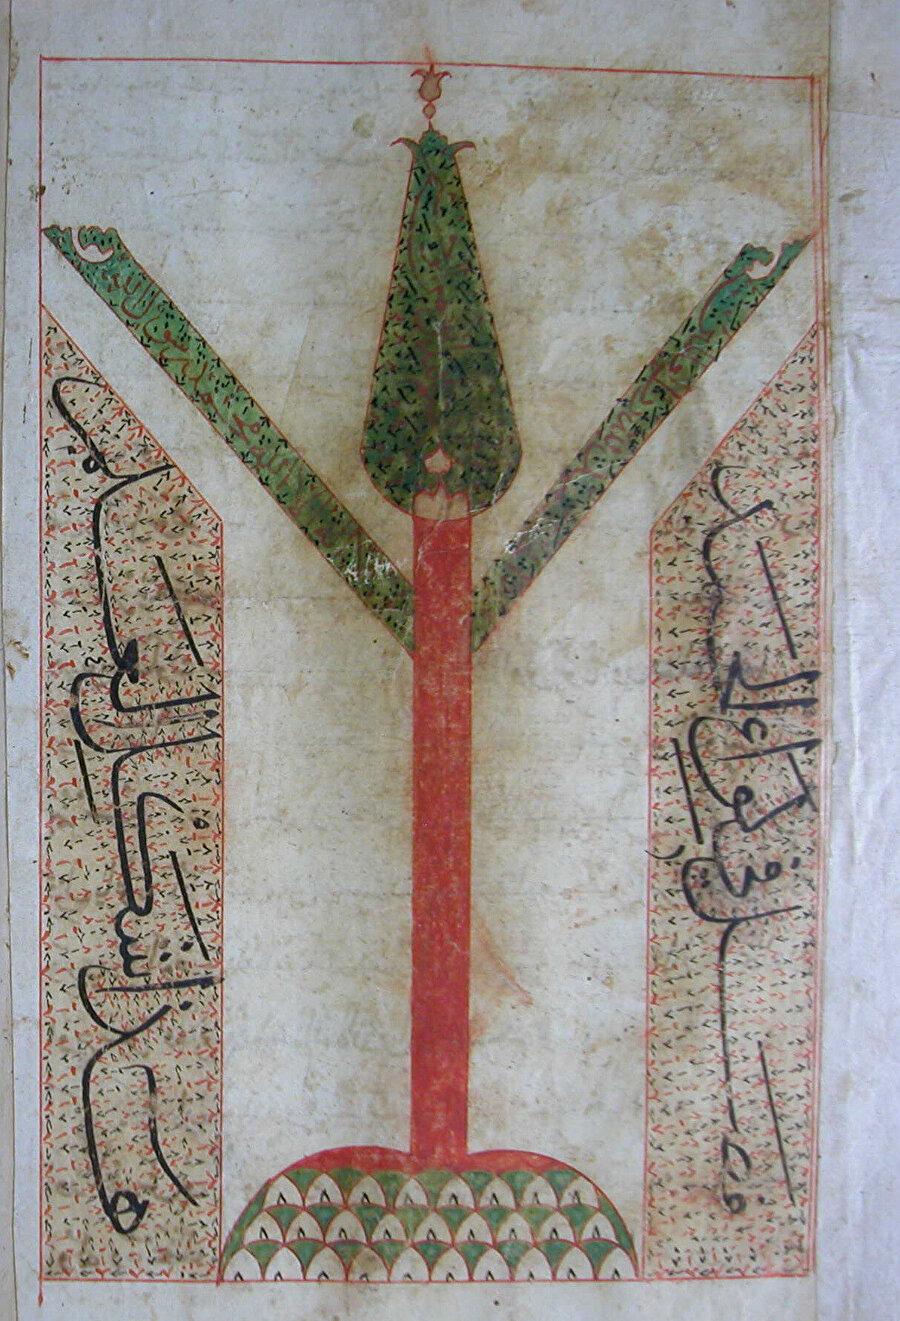 - Edirne Selimiye Kütüphanesi 1032 numaralı nüshada bulunan livâü'l-hamd çizimi